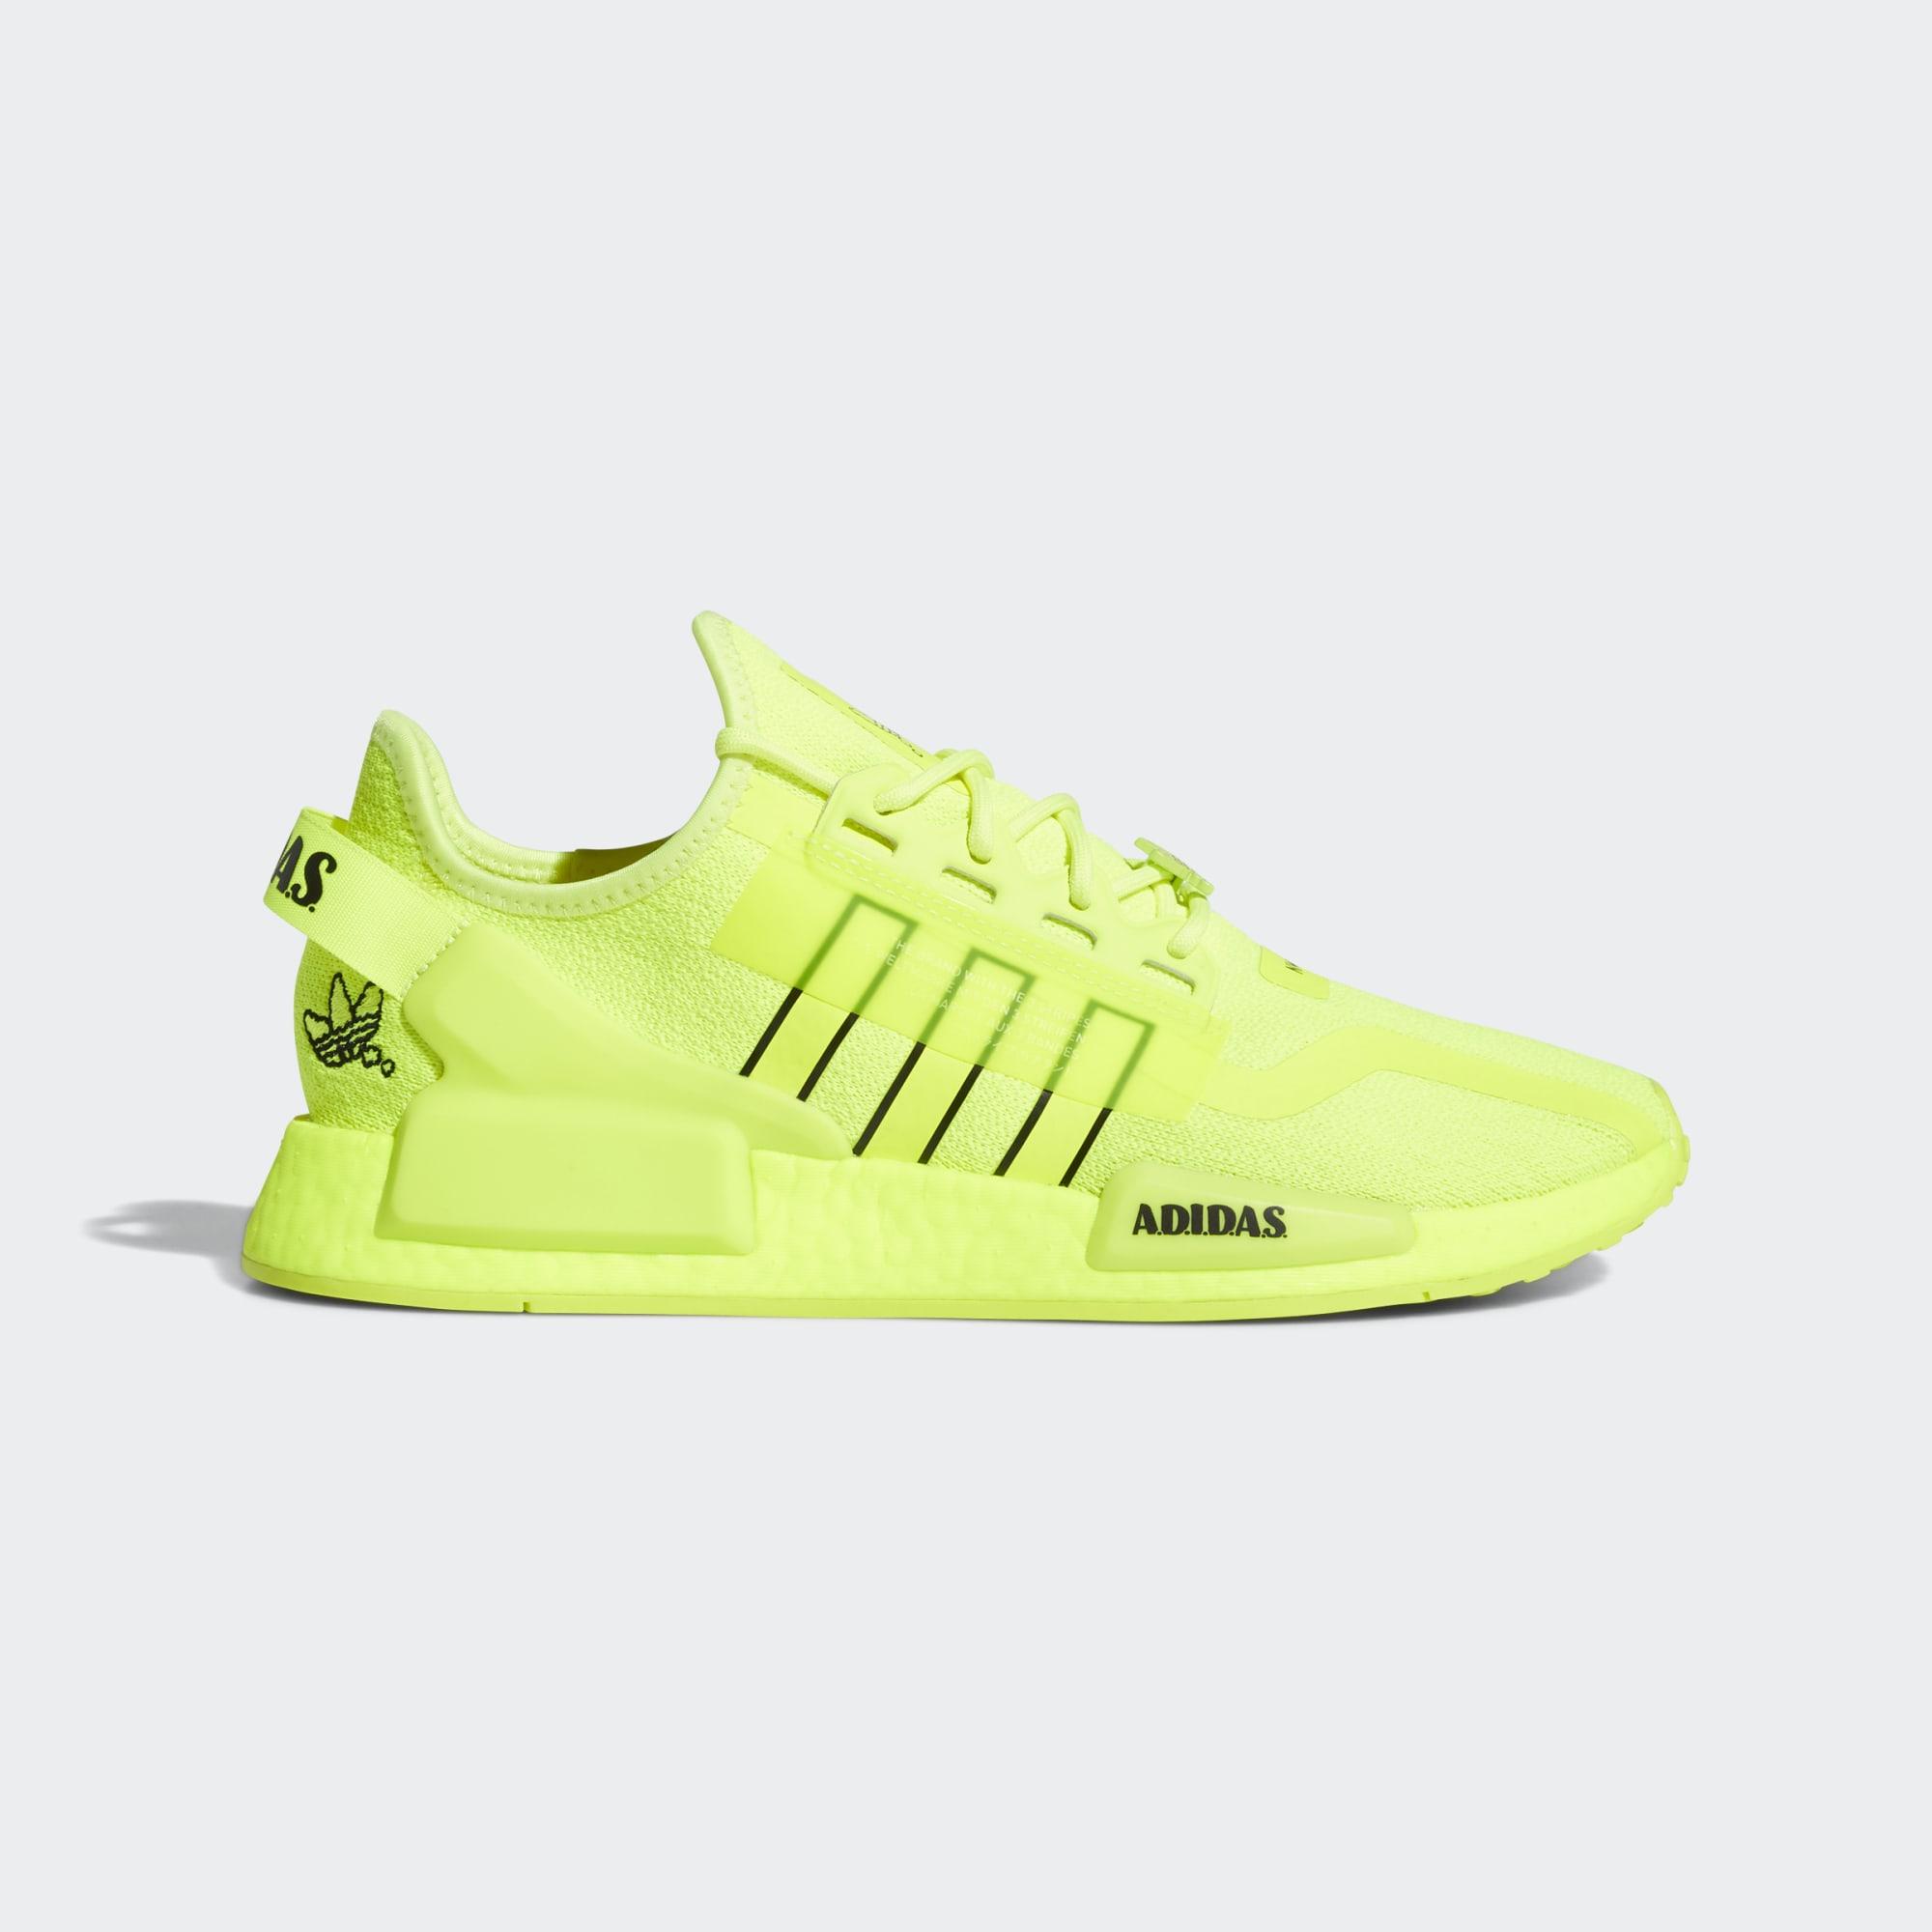 NMD_R1_V2_Shoes_Yellow_H02654_01_standard.jpg